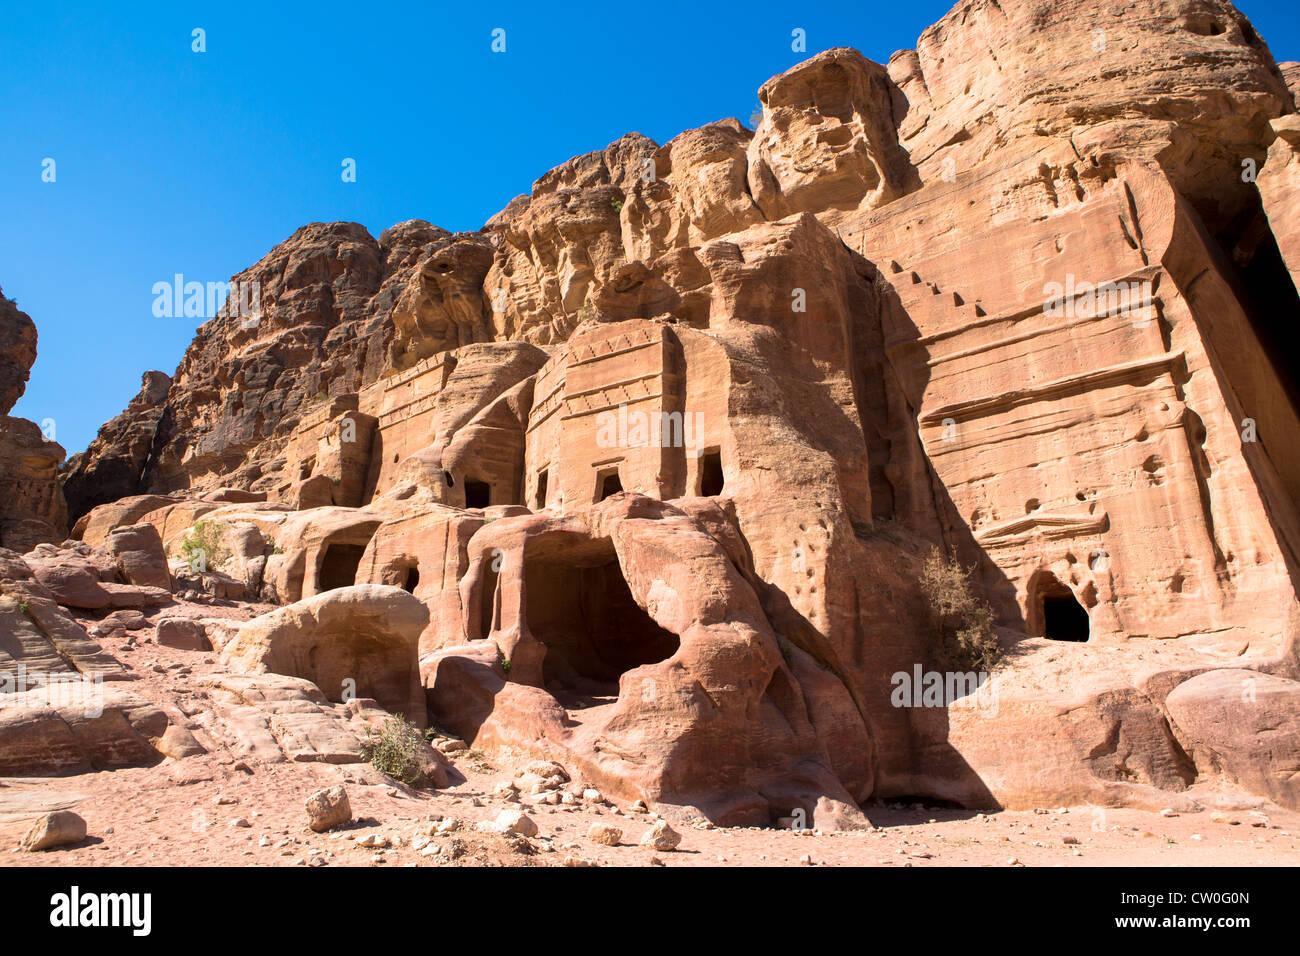 Ancient ruined city of Petra Jordan - Stock Image